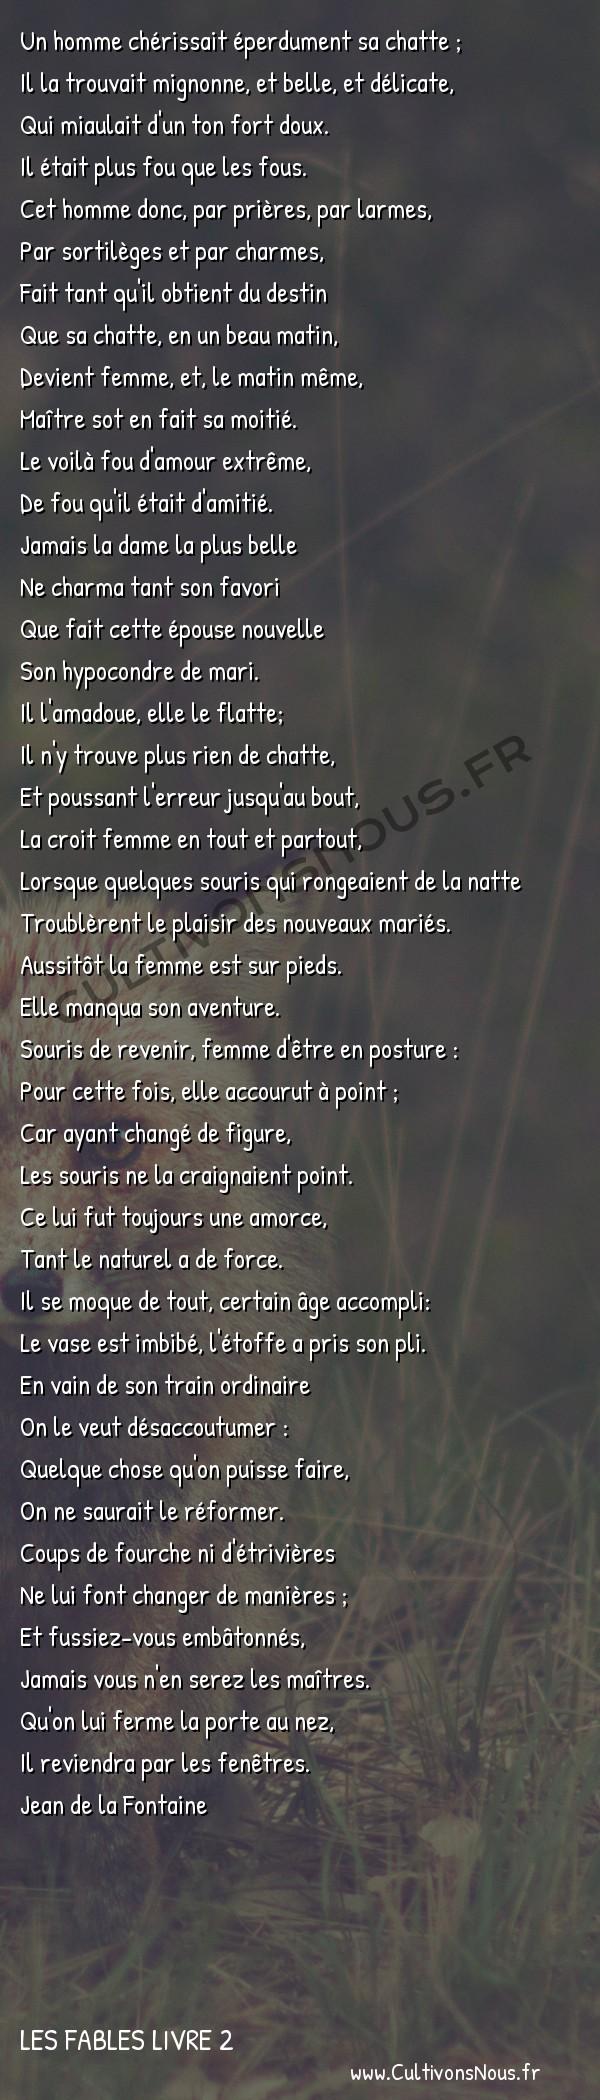 Fables Jean de la Fontaine - Les fables Livre 2 - La Chatte métamorphosée en Femme -   Un homme chérissait éperdument sa chatte ; Il la trouvait mignonne, et belle, et délicate,